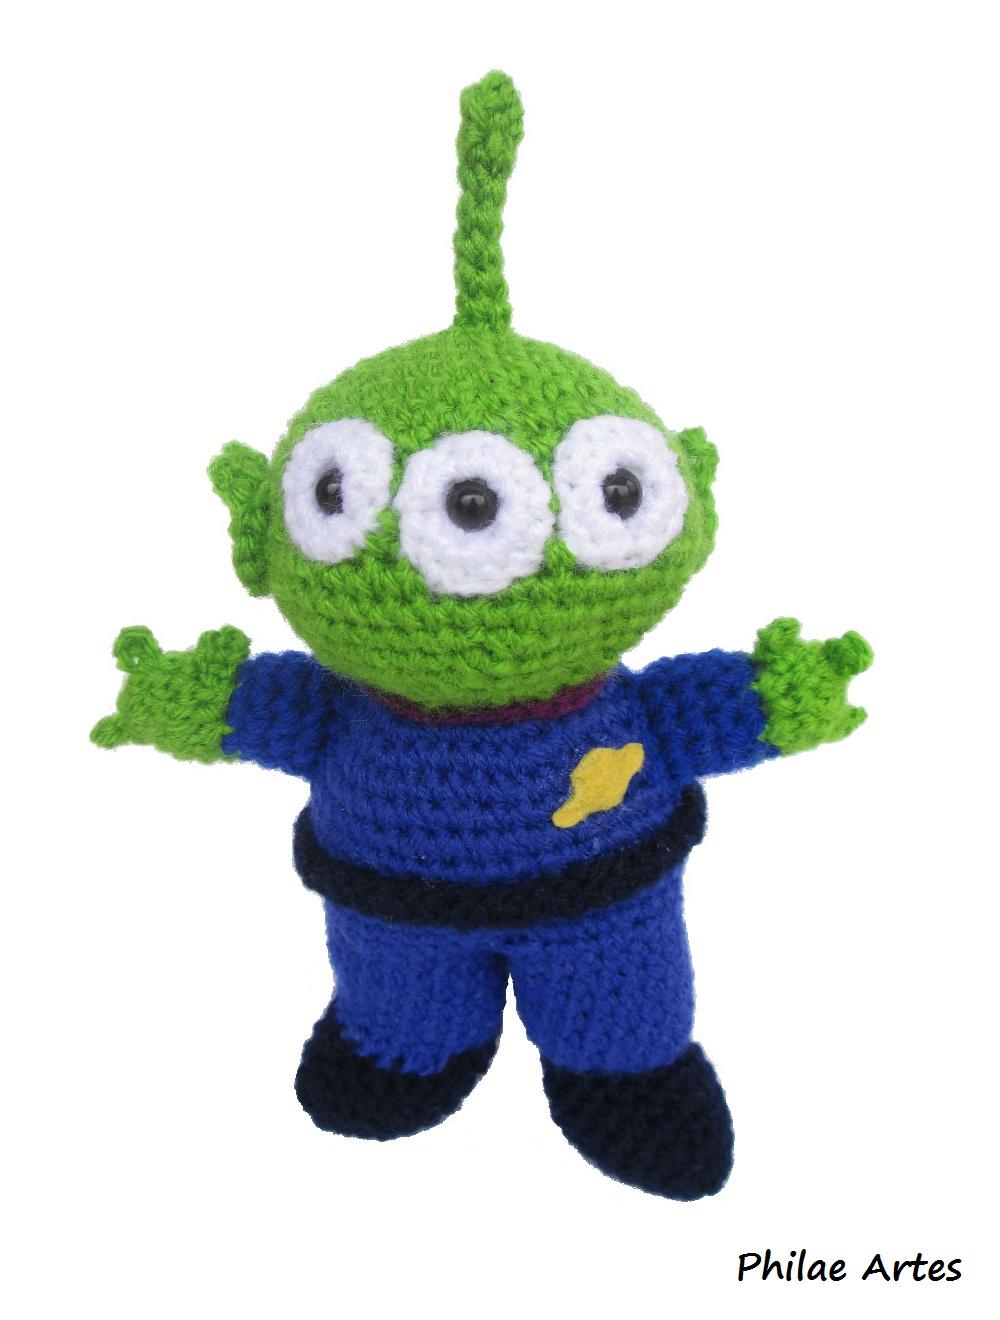 Amigurumi De Alien : Alien - Toy Story (em croch?) Philae Artes Elo7